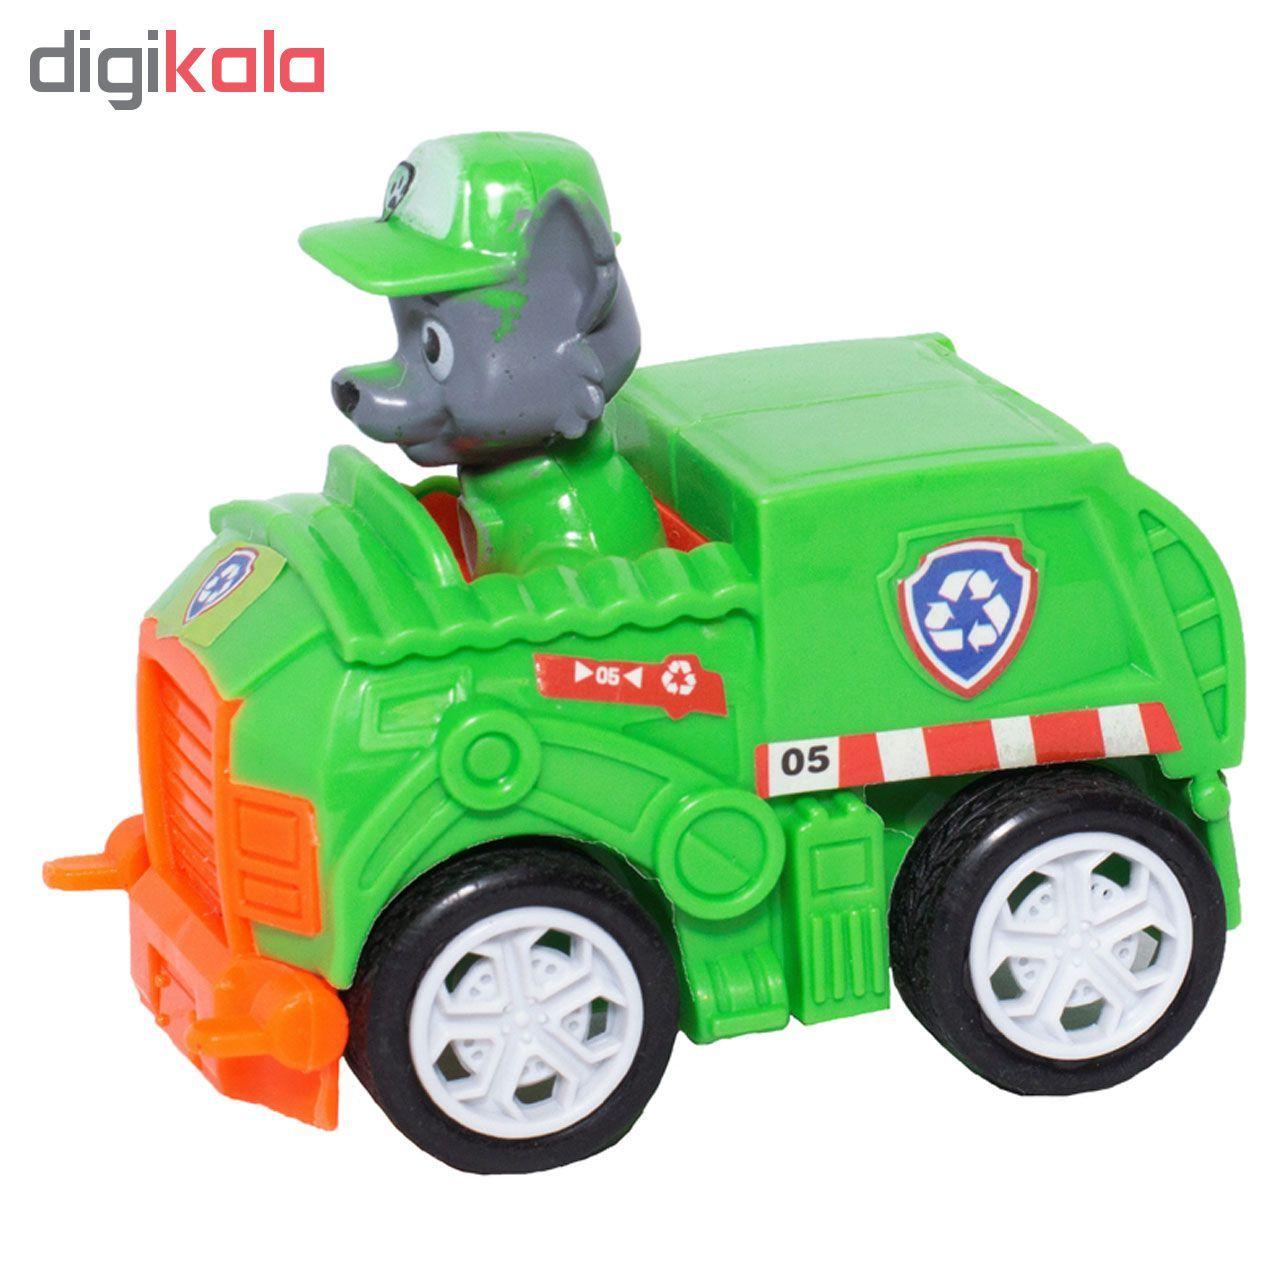 ماشین بازی طرح سگ های نگهبان مدل ROCKY کد 06